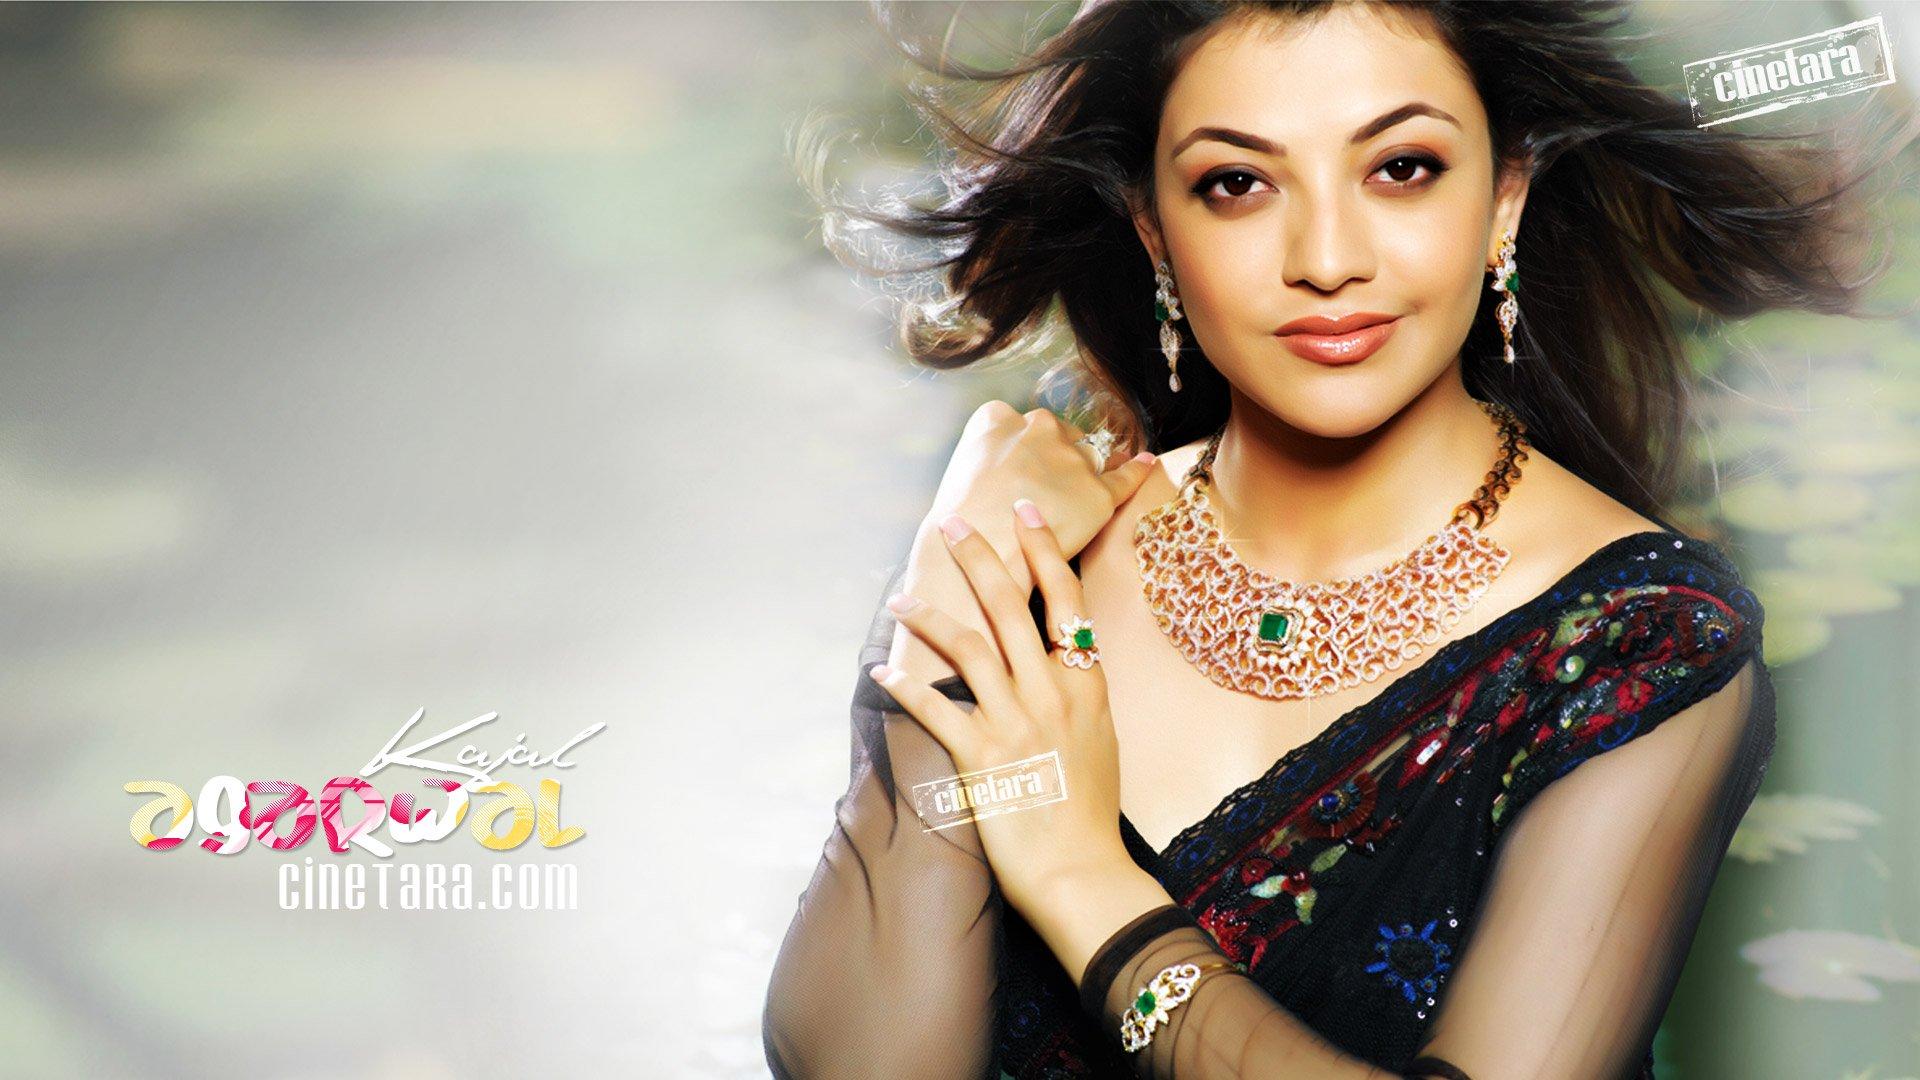 4k Wallpaper 1080p Tamil Actress Hot Hd Photos